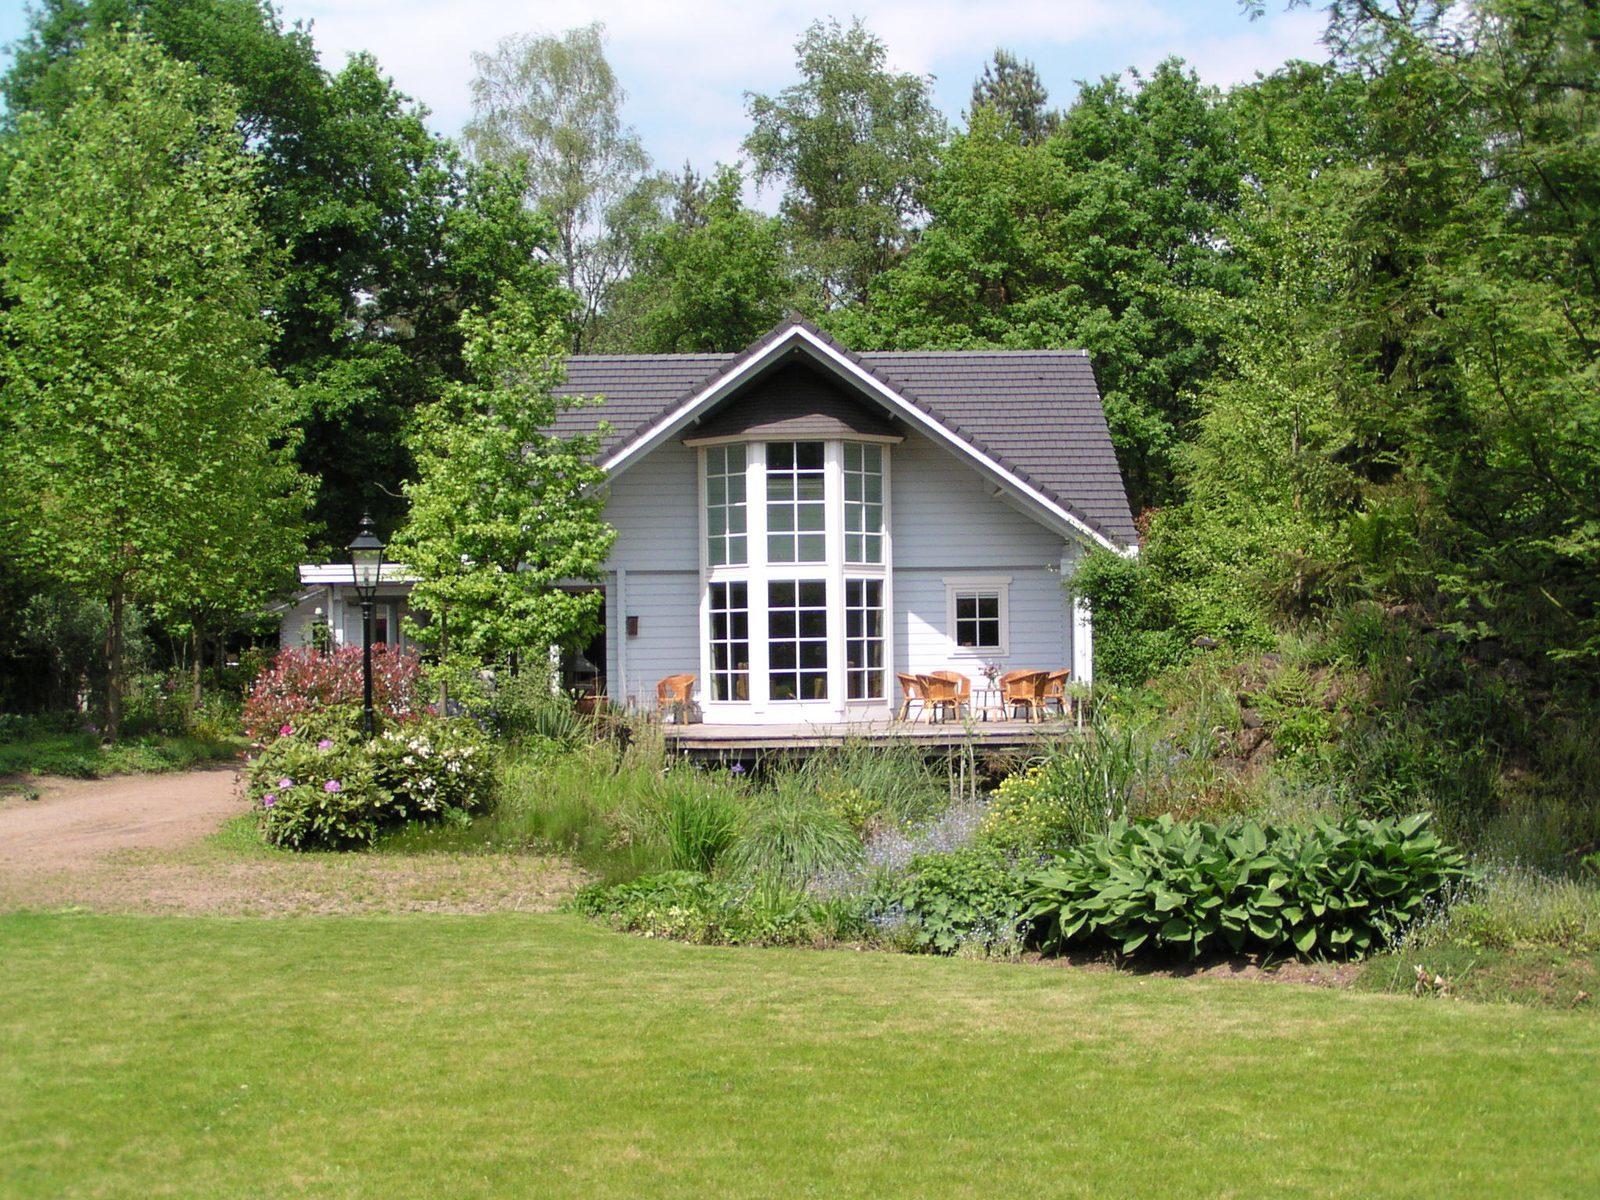 Fins Vakantie Huis : De kattenberg